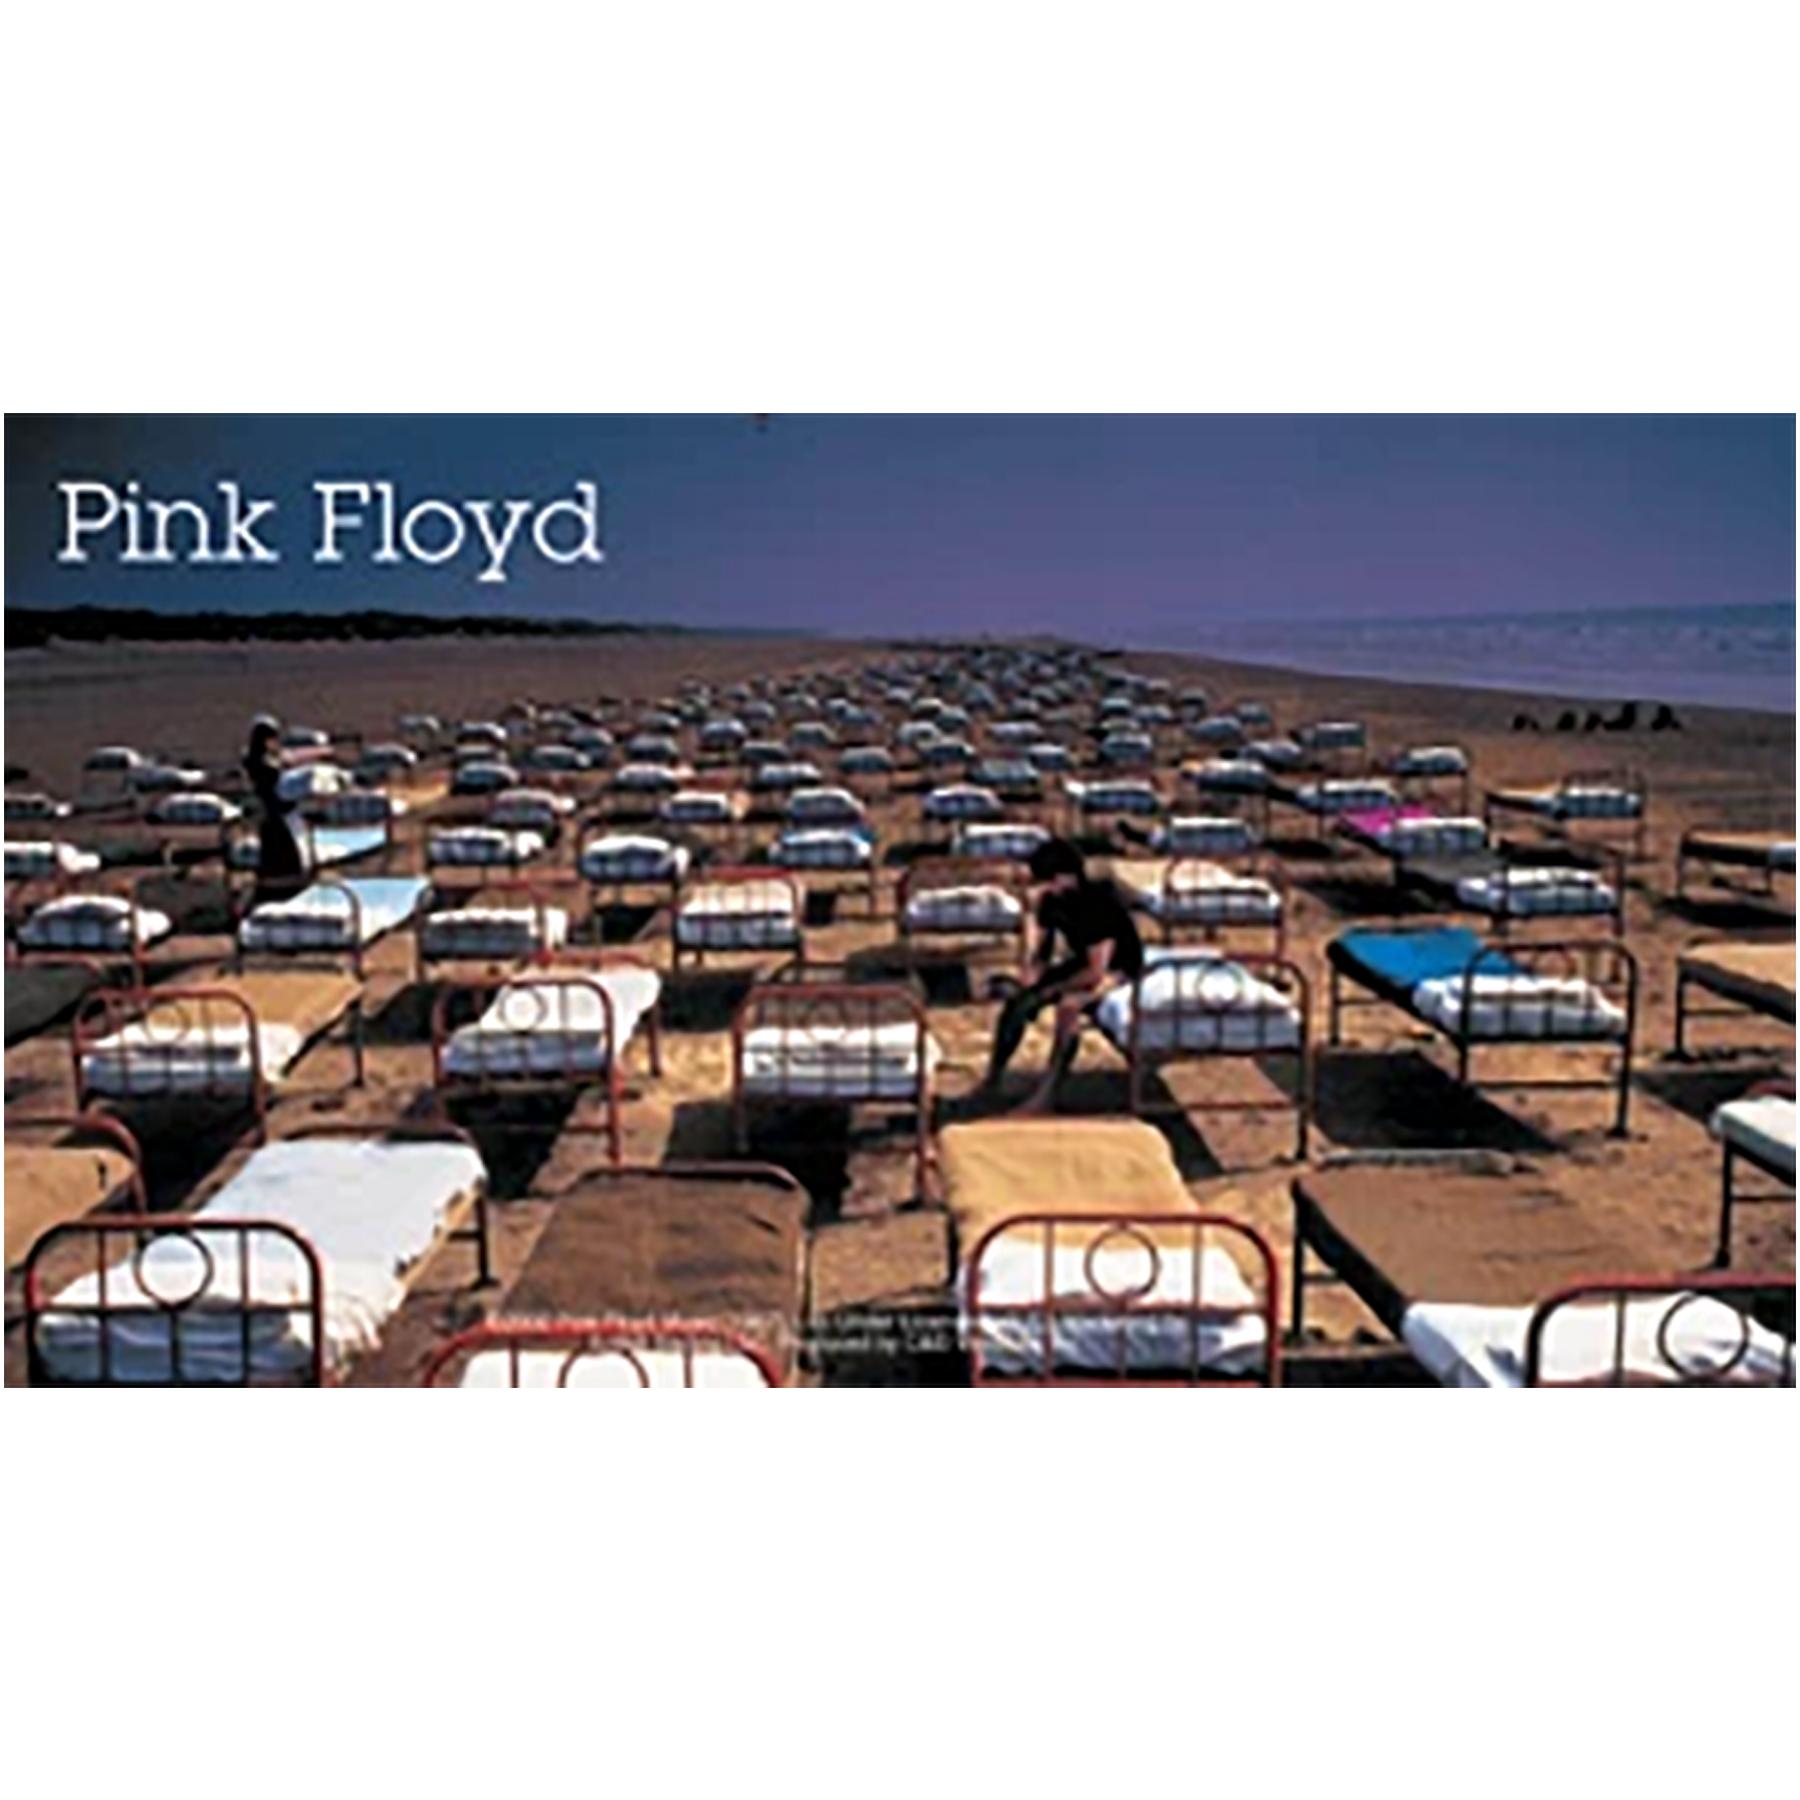 """Pink Floyd Bed 6""""x3.25"""" Sticker"""